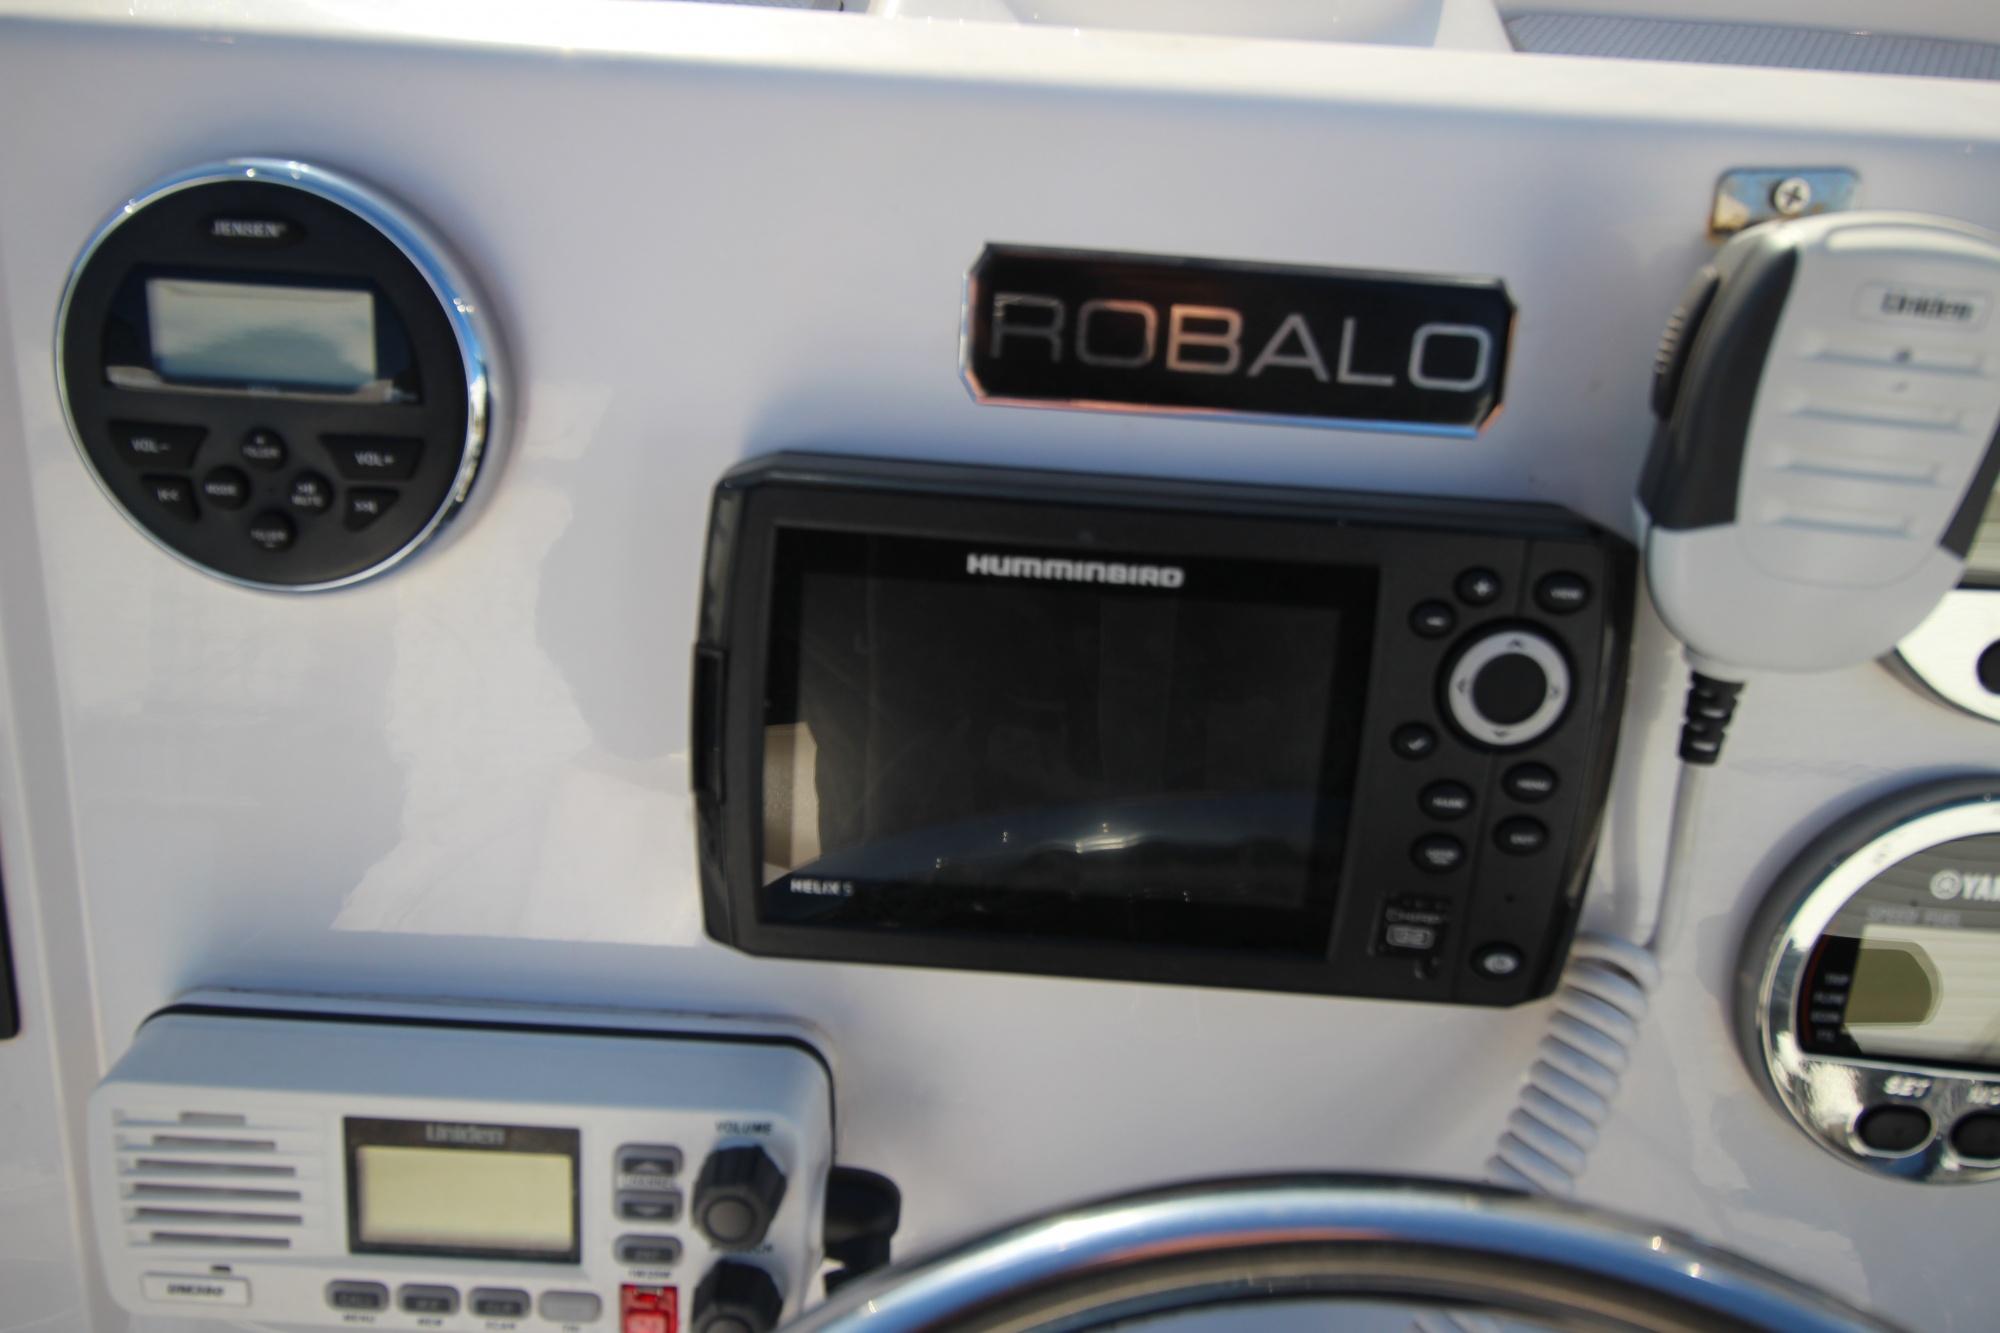 Robalo R 180 - IMG_8002